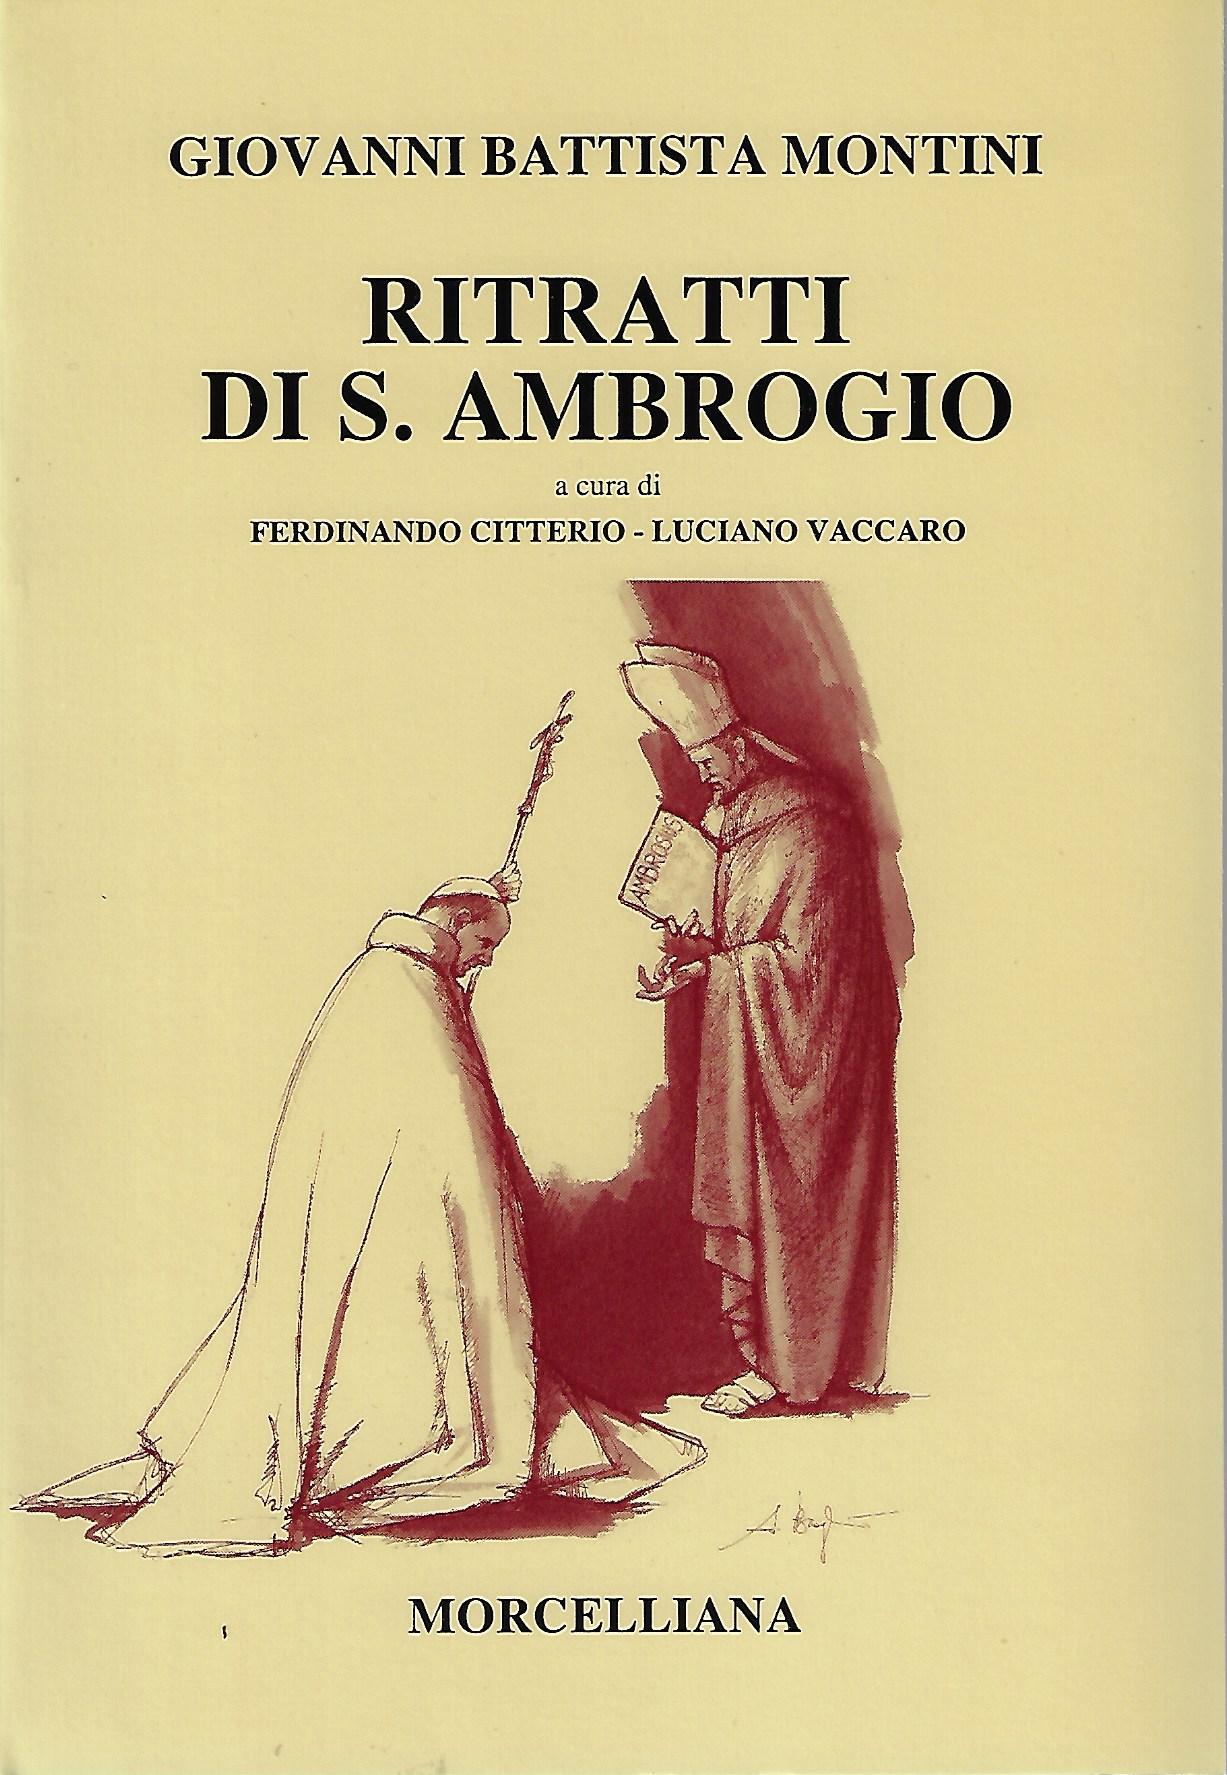 Giovanni Battista Montini, Ritratti di S. Ambrogio